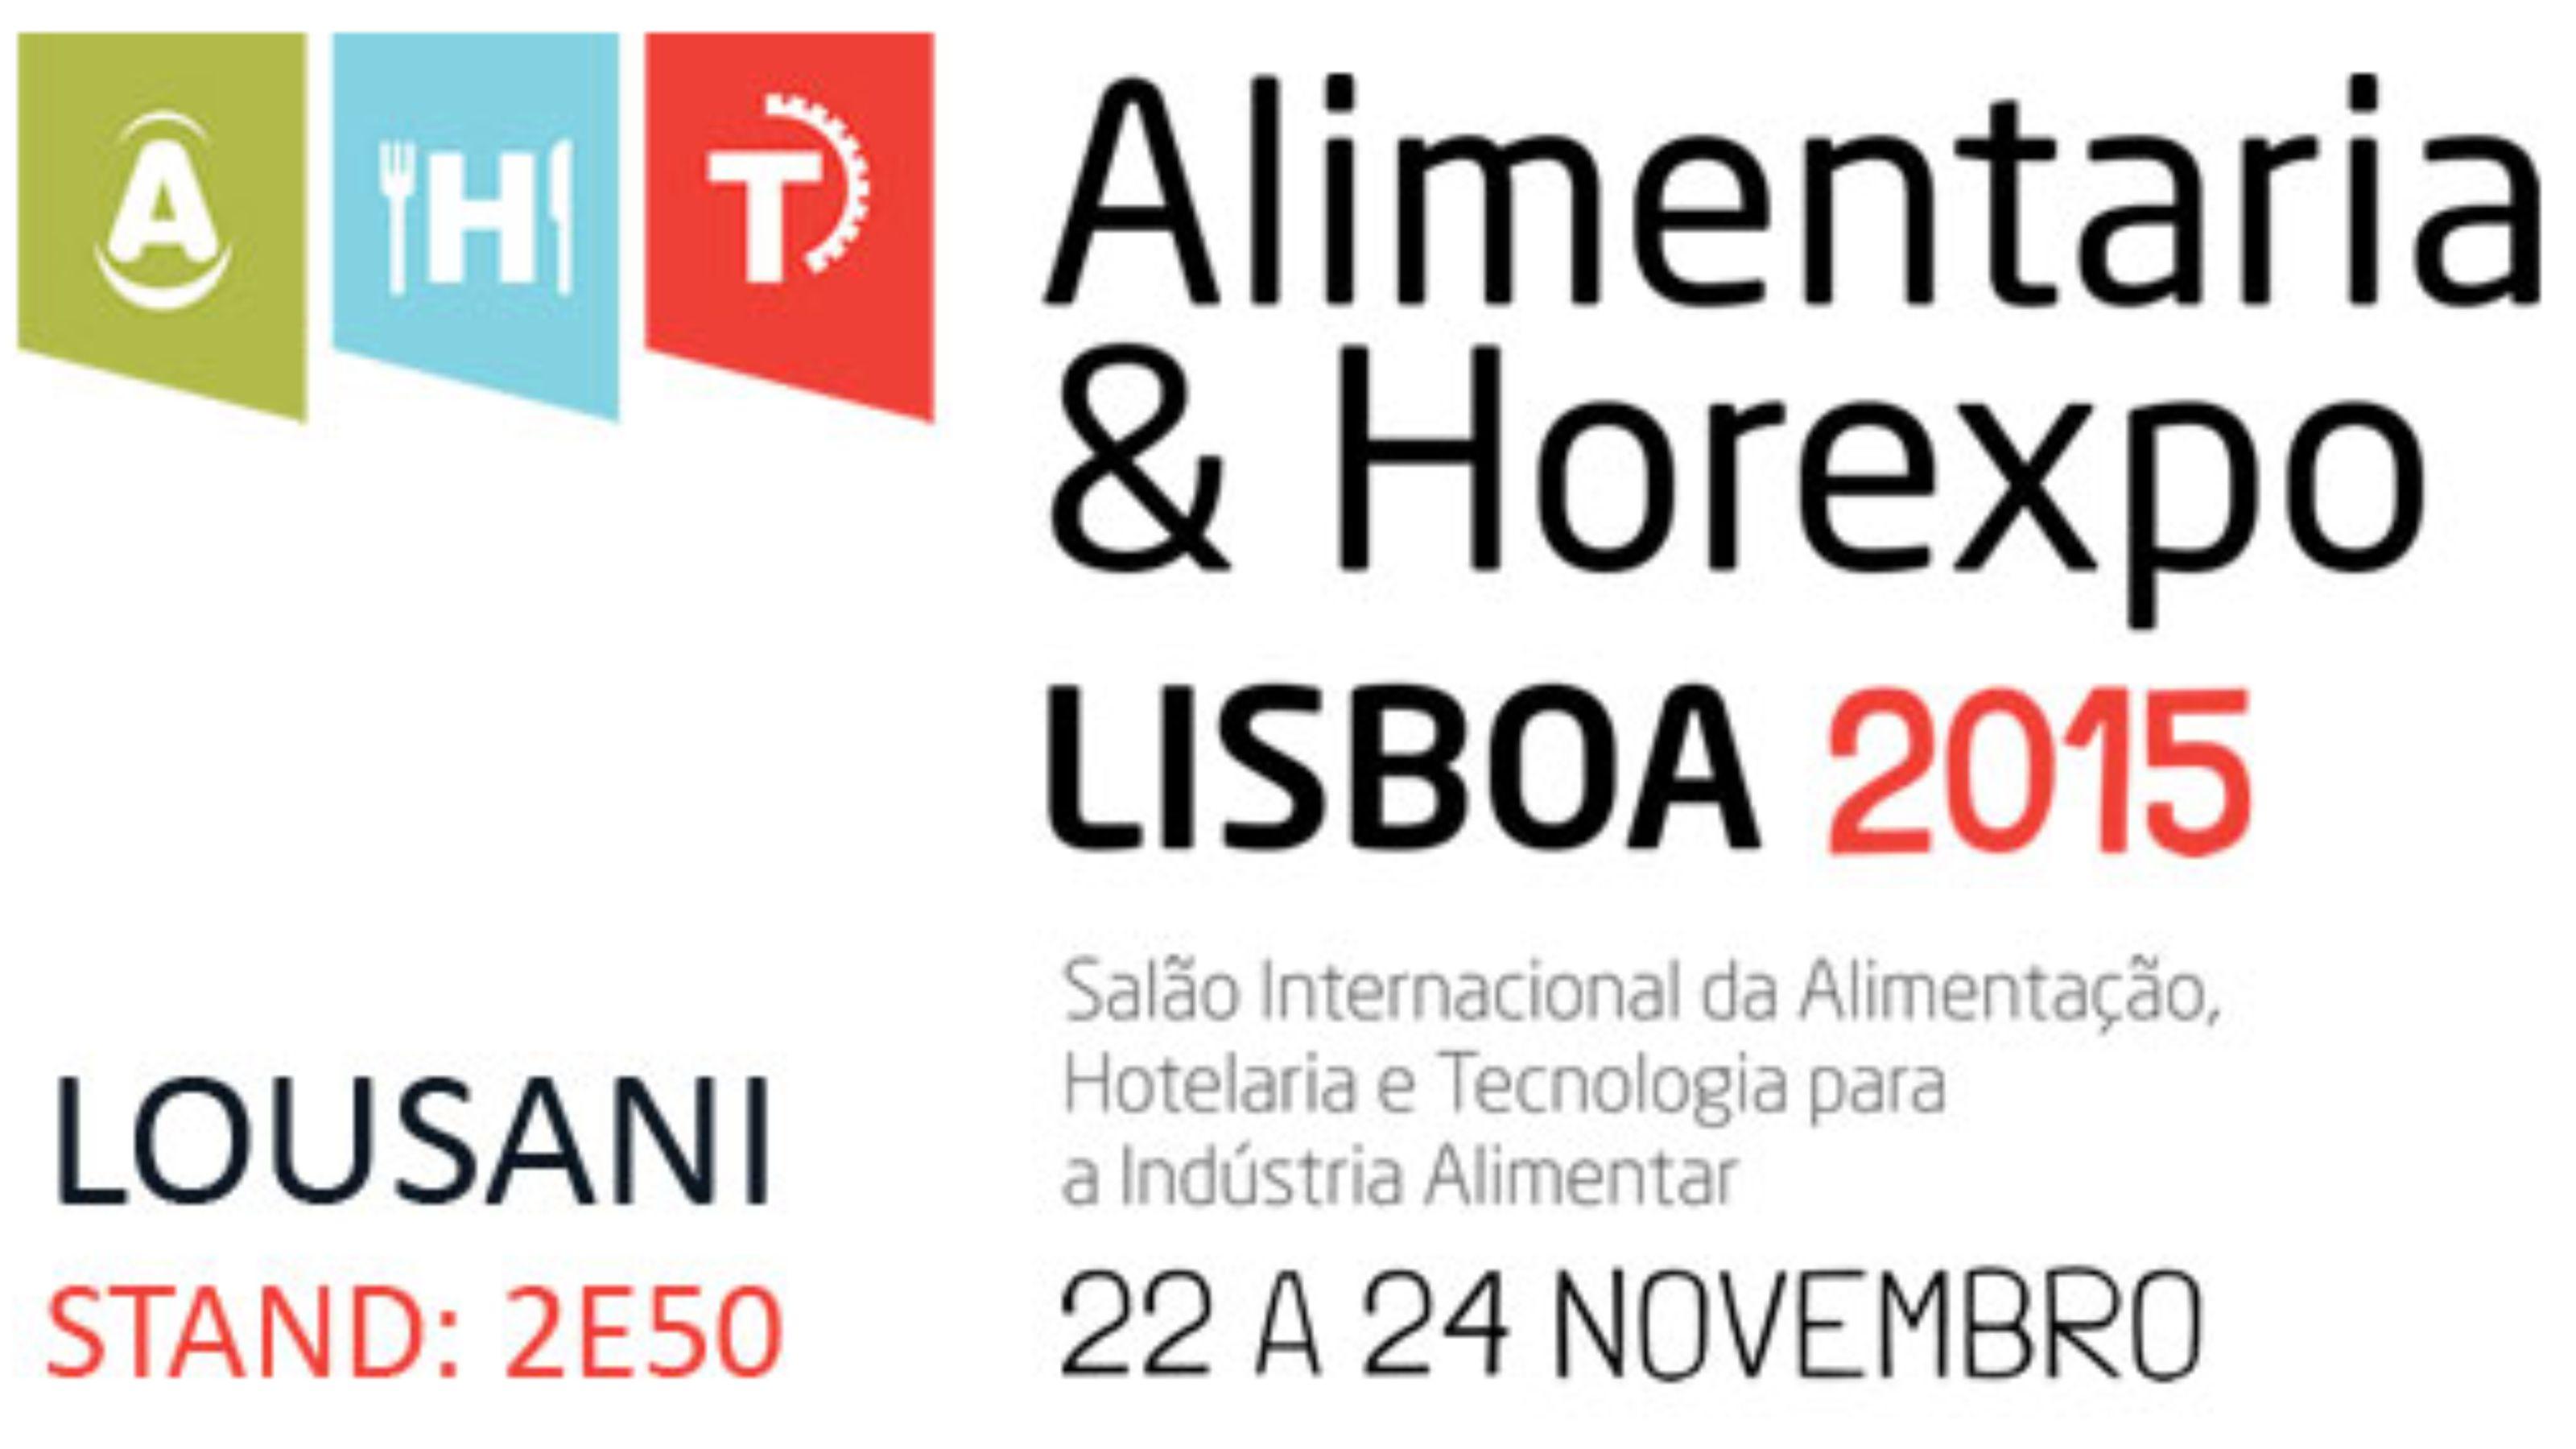 Presença na Feira Alimentaria & Horexpo 2015